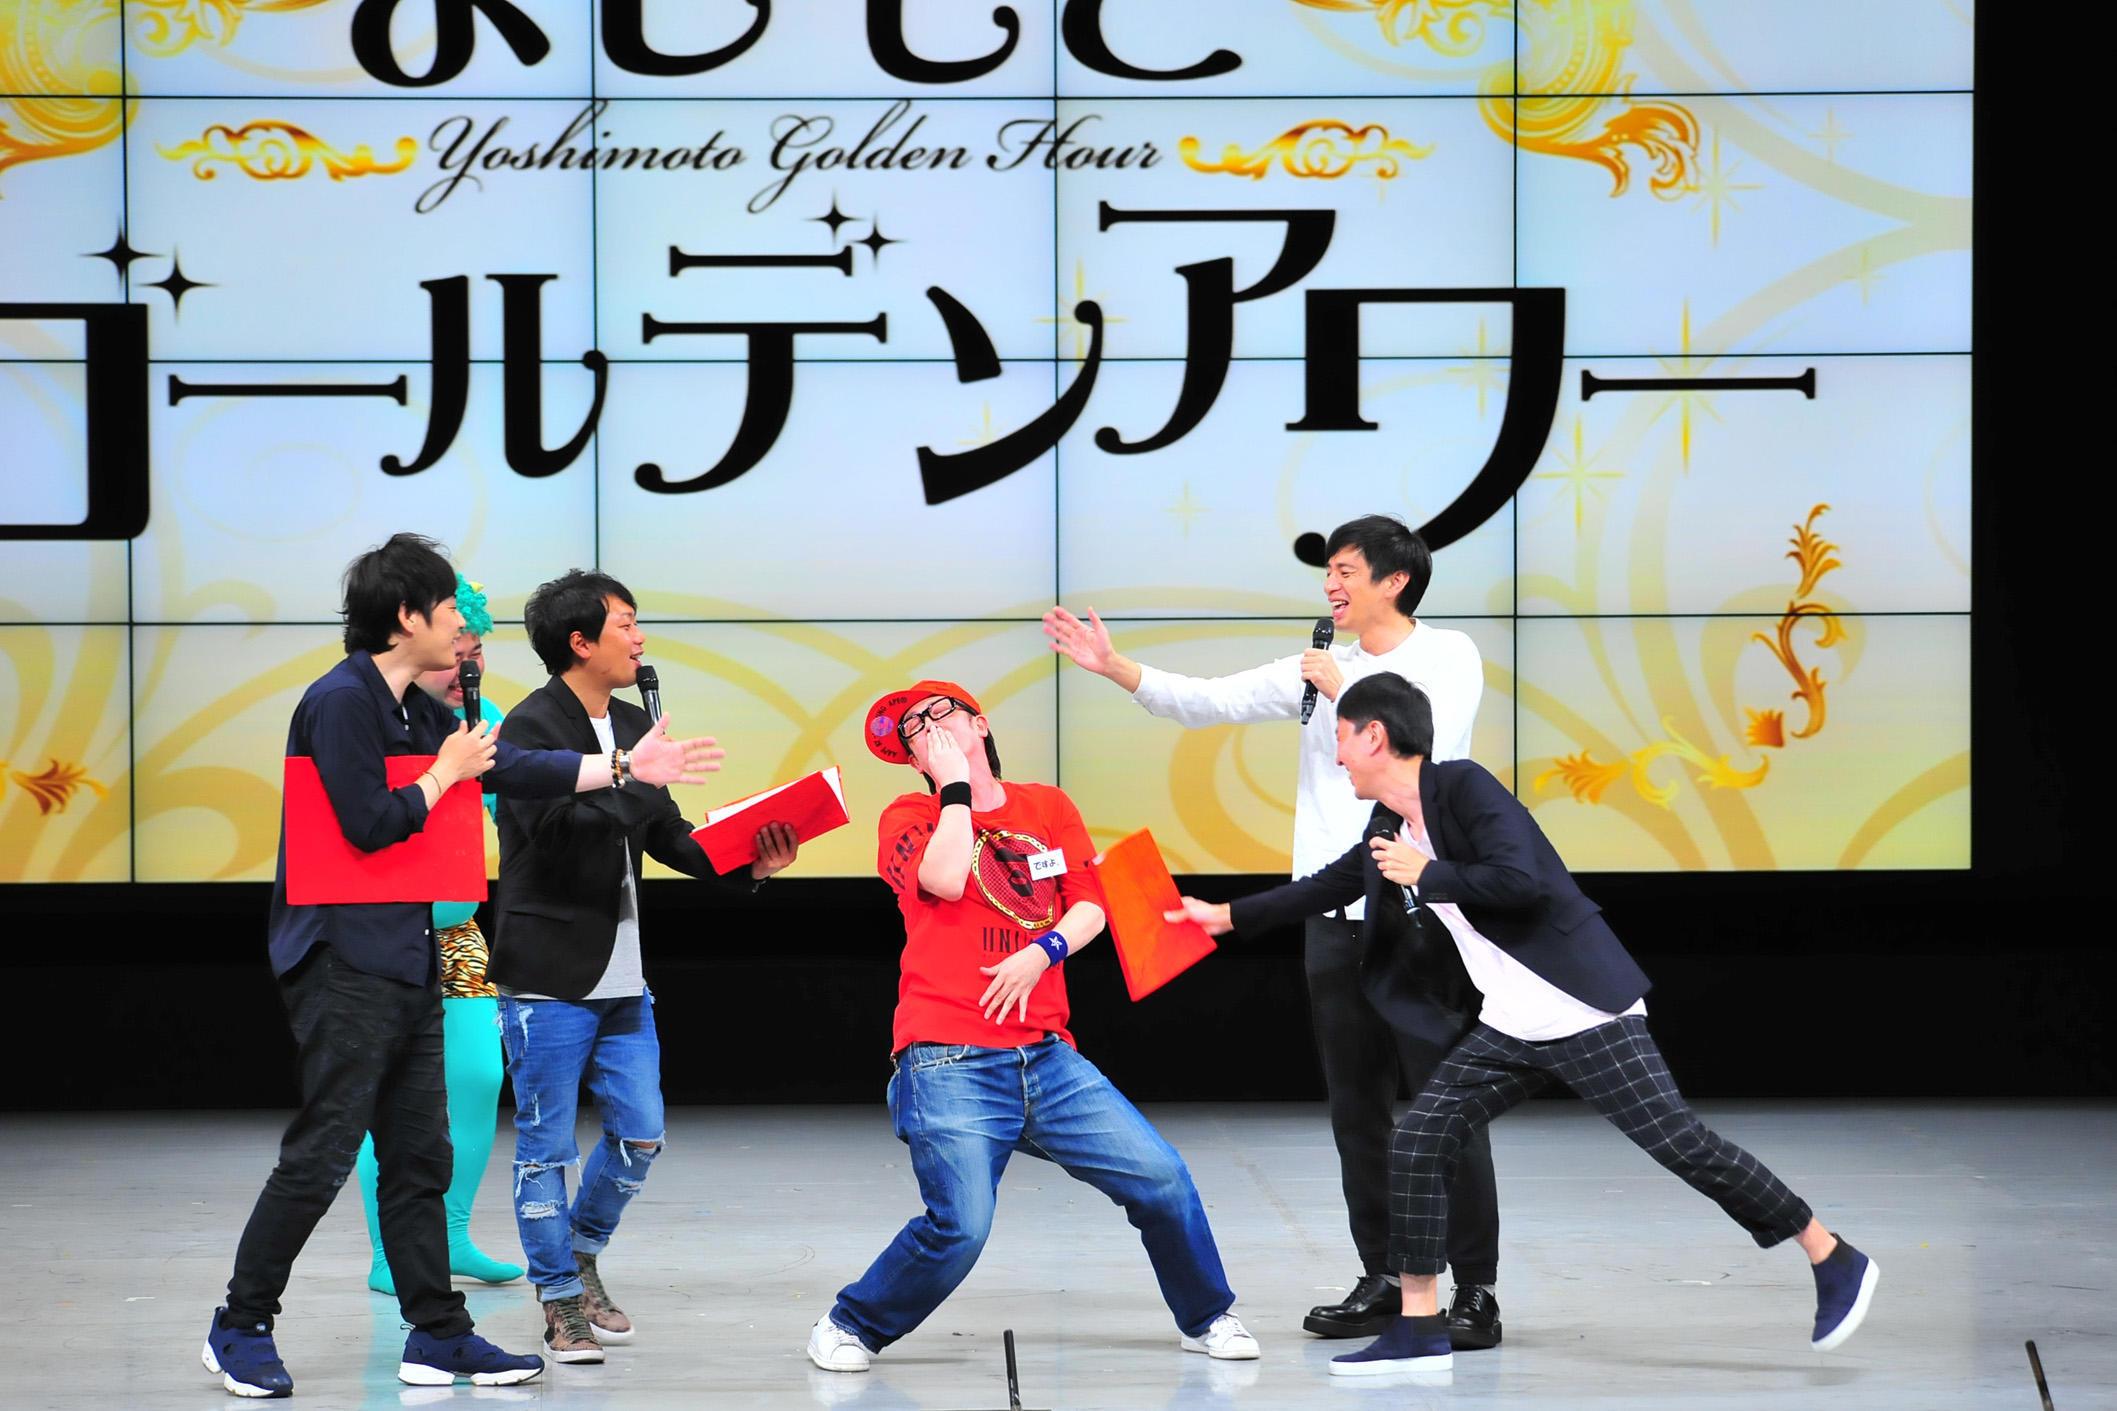 http://news.yoshimoto.co.jp/20160429204404-54ddc3fbc2d7a9c4a14022eb1241aea8bc85b4f8.jpg